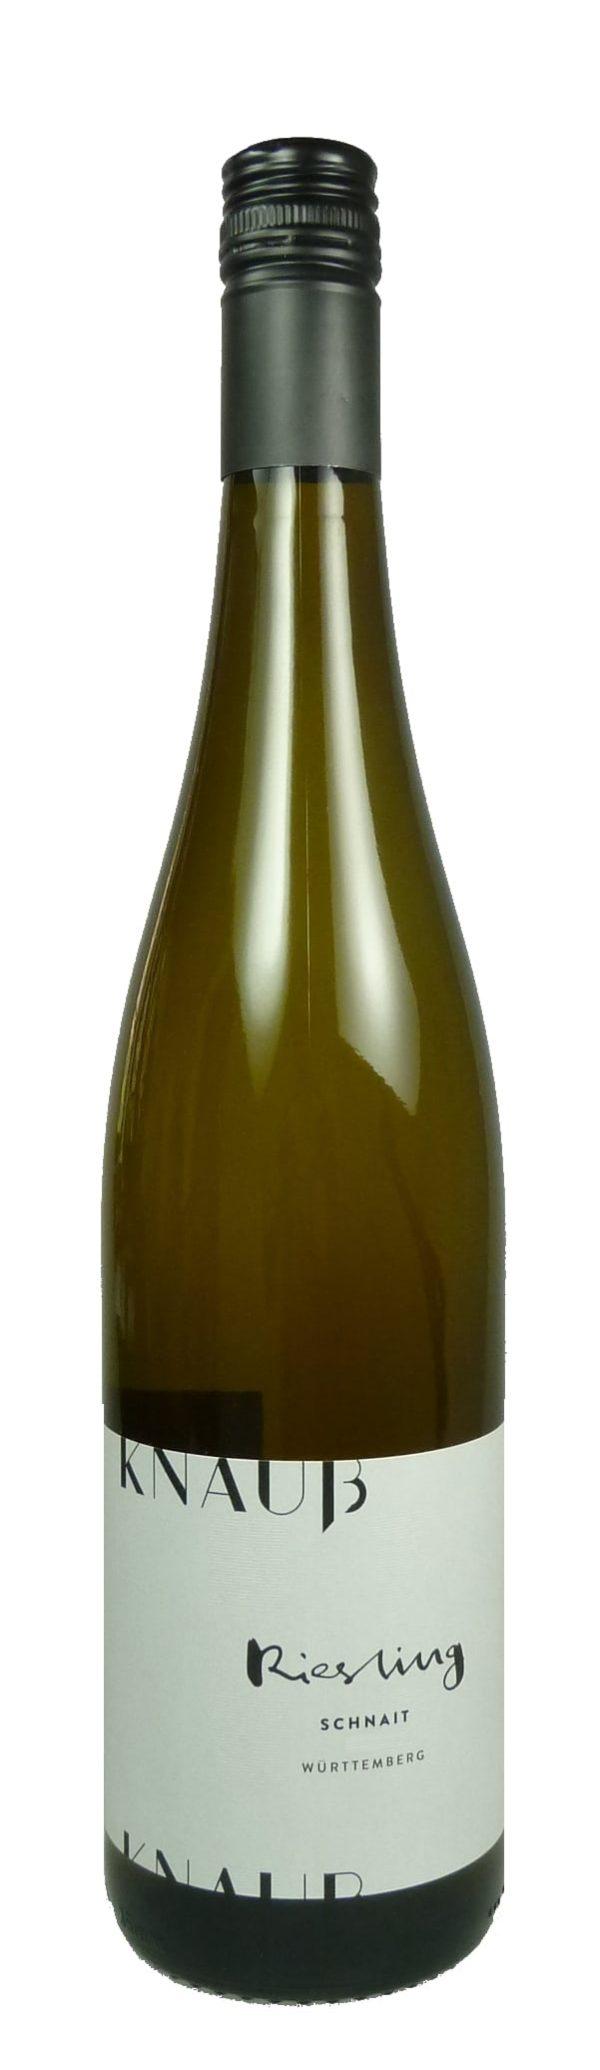 Schnait Riesling Qualitätswein trocken 2016